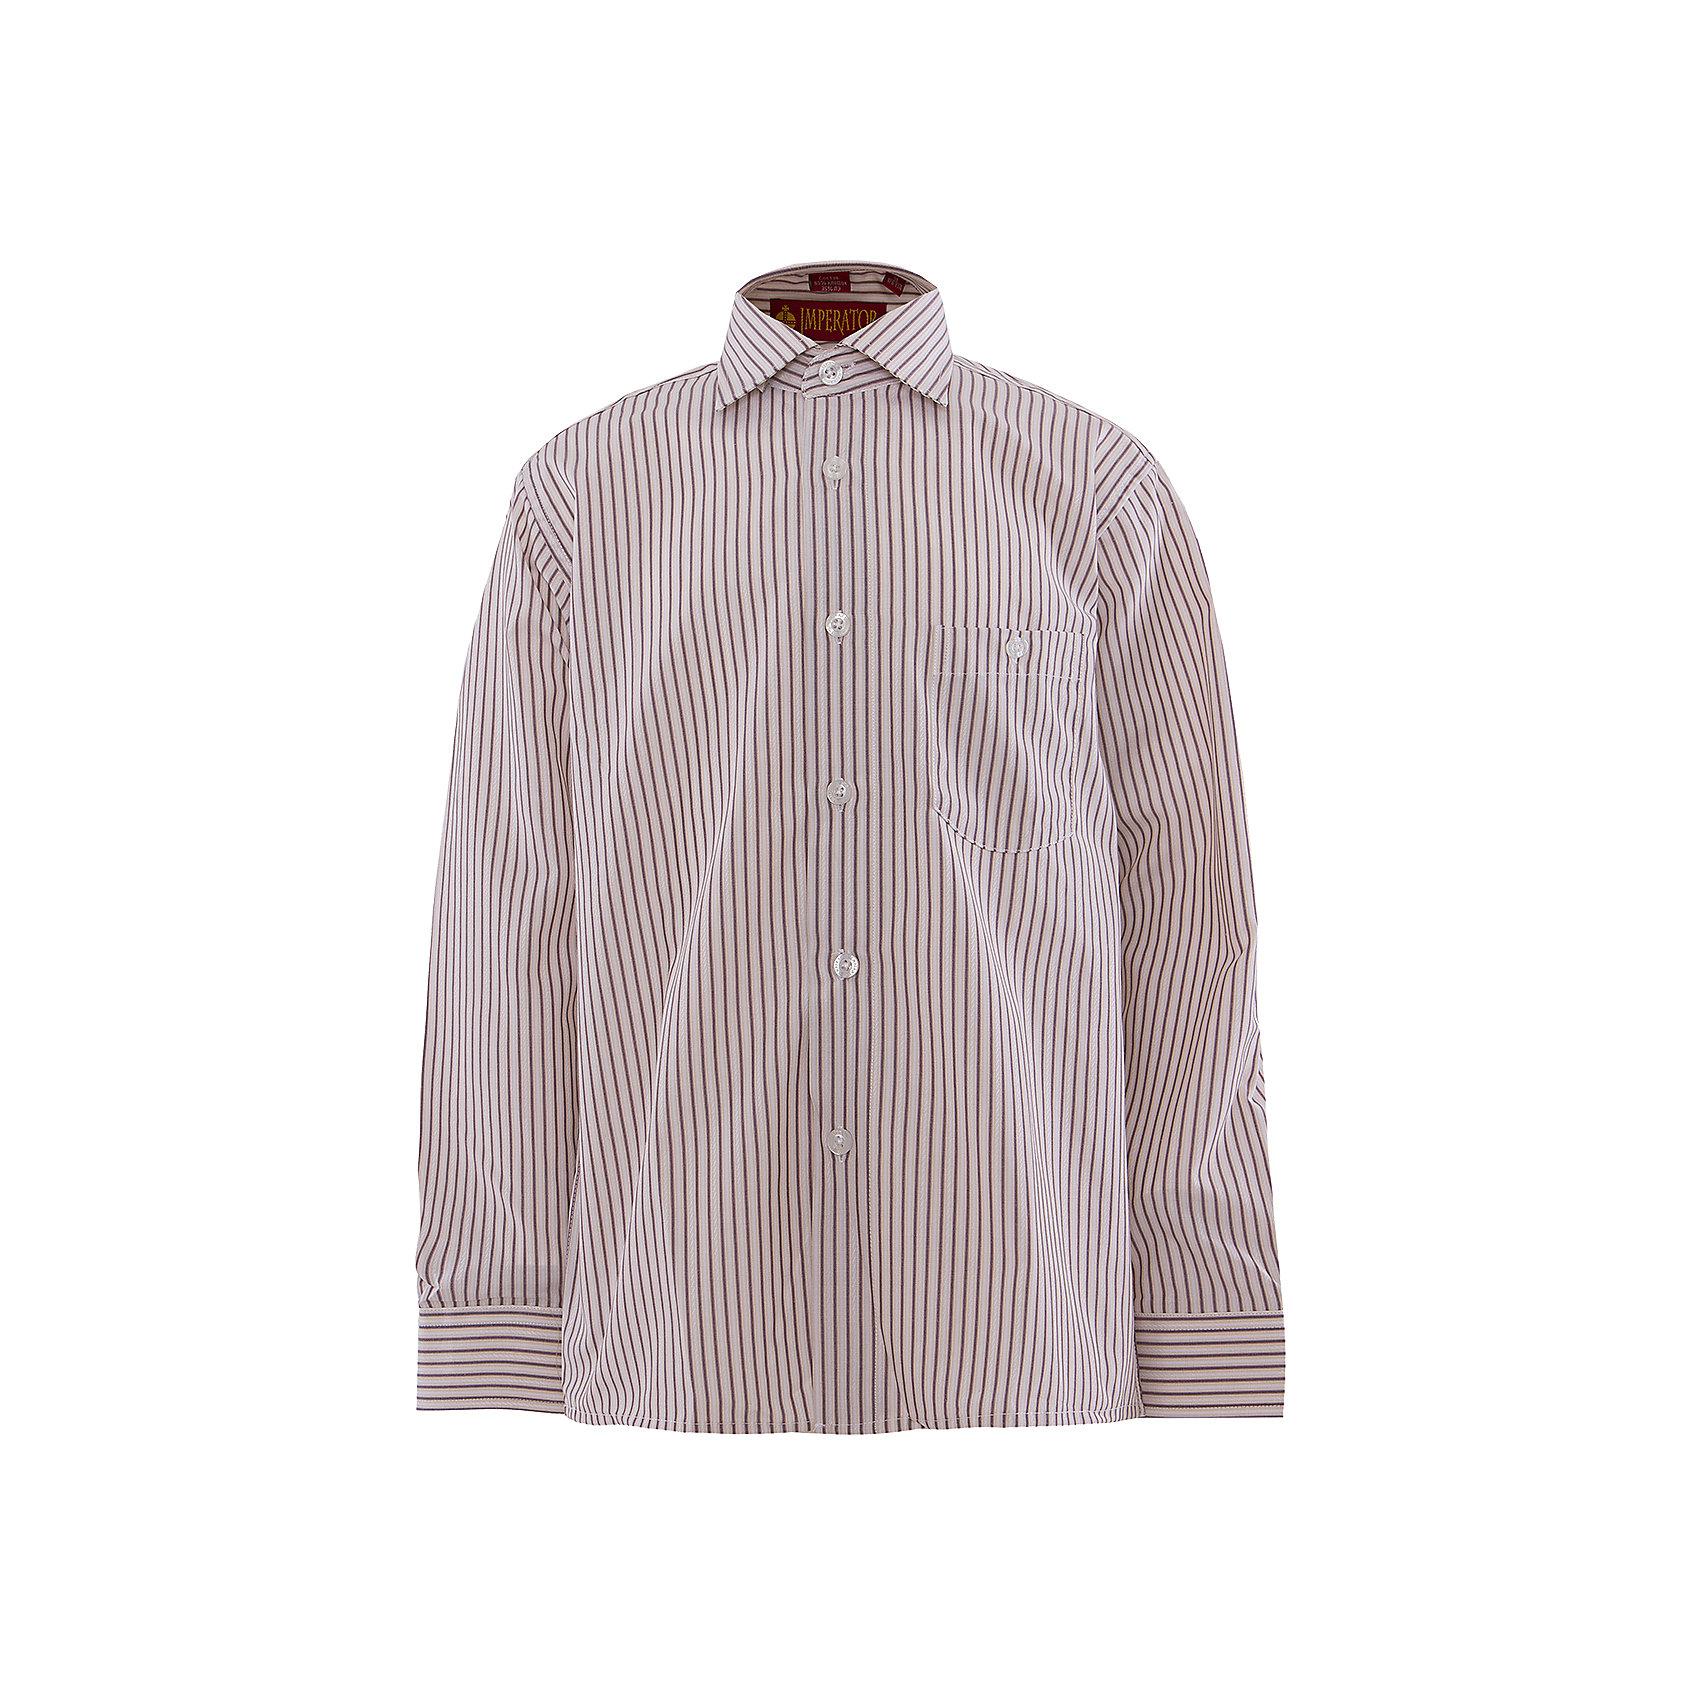 Рубашка для мальчика ImperatorБлузки и рубашки<br>Рубашка для мальчика от российской марки Imperator <br><br>Нарядная рубашка в полоску отлично подойдет и для школьных будней и для праздничных мероприятий. Модель хорошо сидит, не стесняет движения. Материал - гипоаллергенный, дышащий и приятный на ощупь.<br><br>Особенности модели:<br><br>- материал - тонкий, с содержанием хлопка;<br>- цвет - белый, в полоску;<br>- карман на груди с пуговицей;<br>- застежки-пуговицы;<br>- отложной воротник и манжеты;<br>- пуговицы на манжетах.<br><br>Дополнительная информация:<br><br>Состав: 65% хлопок, 35% полиэстер<br><br>Габариты:<br><br>длина рукава - 57 см;<br>длина по спинке - 68 см.<br><br>* соответствует размеру 35/158-164<br><br>Уход за изделием:<br><br>стирка в машине при температуре до 40°С,<br>не отбеливать,<br>гладить на средней температуре.<br><br>Рубашку для мальчика от российской марки Imperator (Император) можно купить в нашем магазине.<br><br>Ширина мм: 174<br>Глубина мм: 10<br>Высота мм: 169<br>Вес г: 157<br>Цвет: коричневый<br>Возраст от месяцев: 168<br>Возраст до месяцев: 180<br>Пол: Мужской<br>Возраст: Детский<br>Размер: 164/170,128/134,122/128,158/164,152/158,146/152,140/146,134/140<br>SKU: 4295799